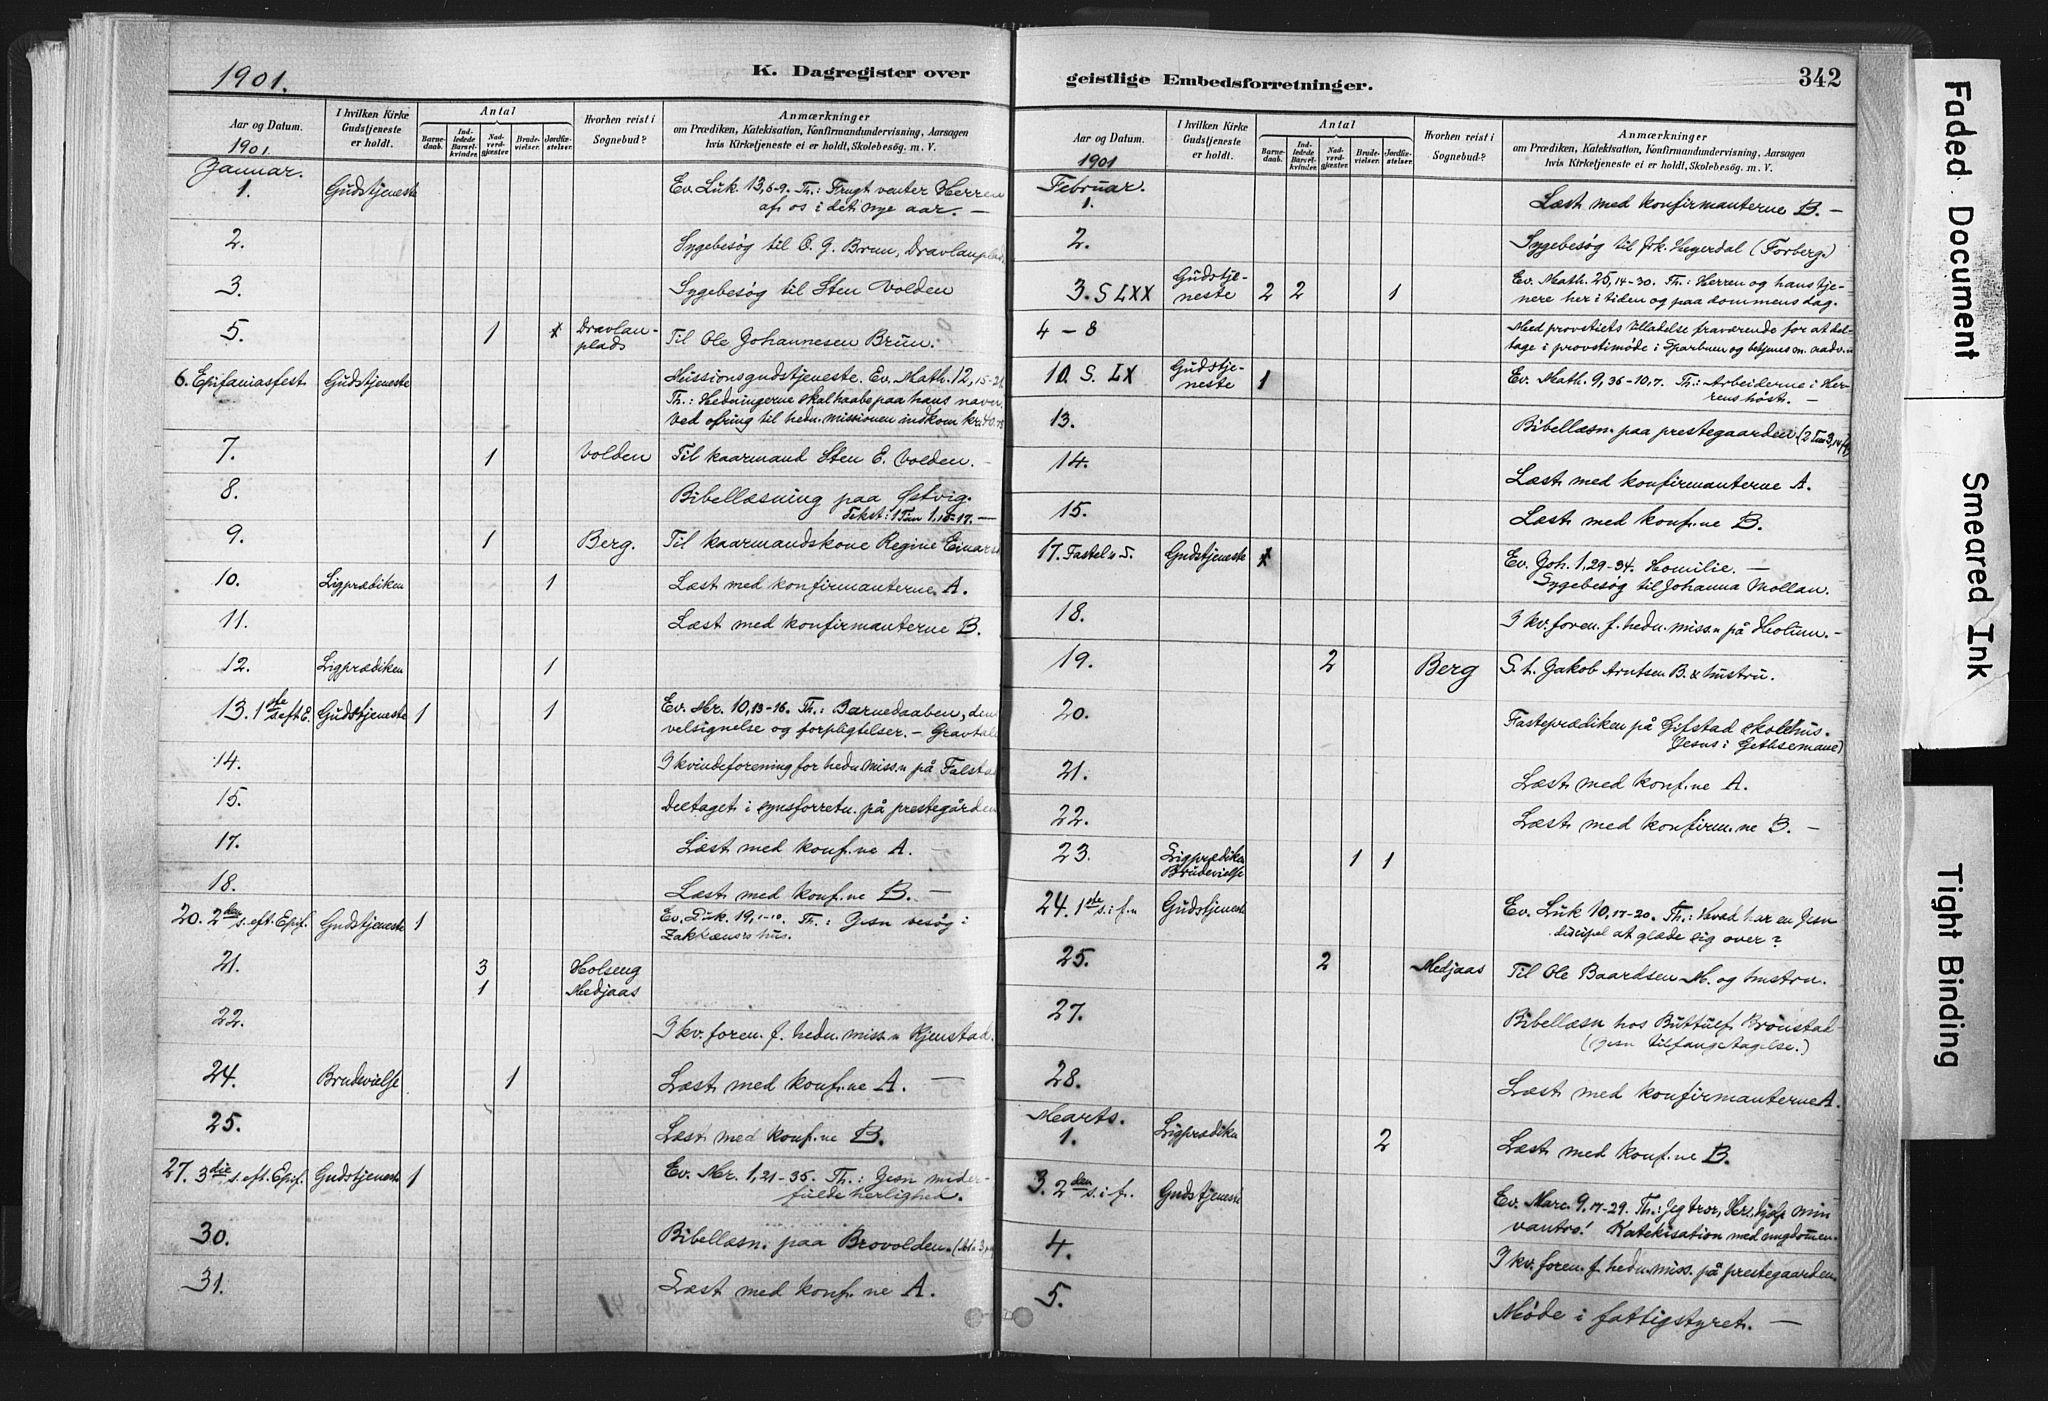 SAT, Ministerialprotokoller, klokkerbøker og fødselsregistre - Nord-Trøndelag, 749/L0474: Ministerialbok nr. 749A08, 1887-1903, s. 342